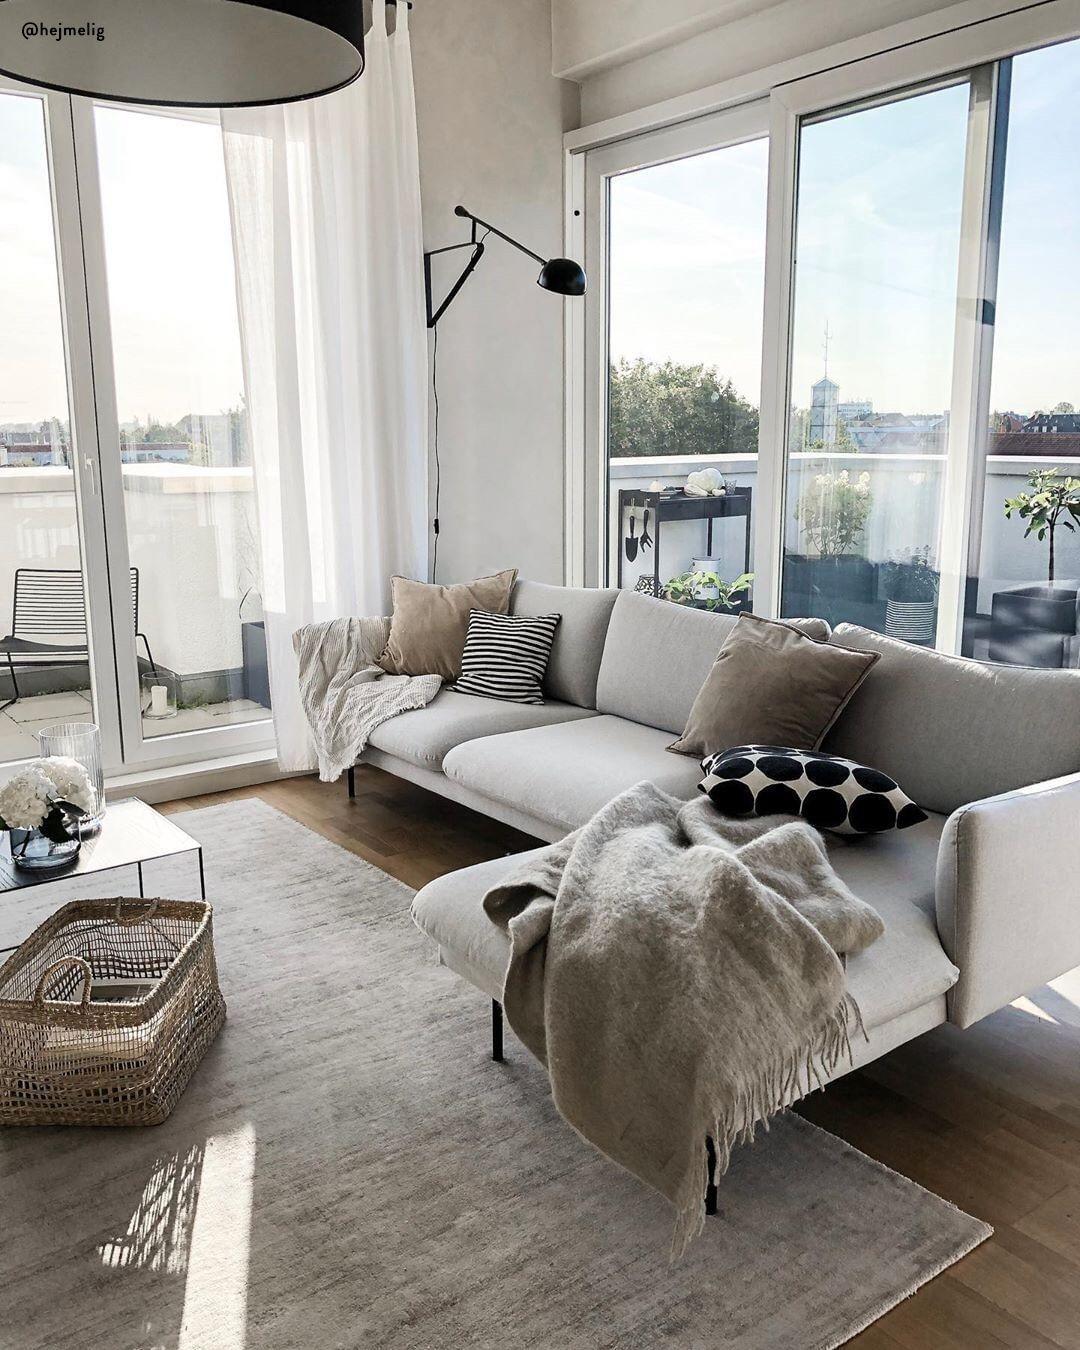 350 Basic Living Room Ideas In 2021 House Interior Interior Design Interior